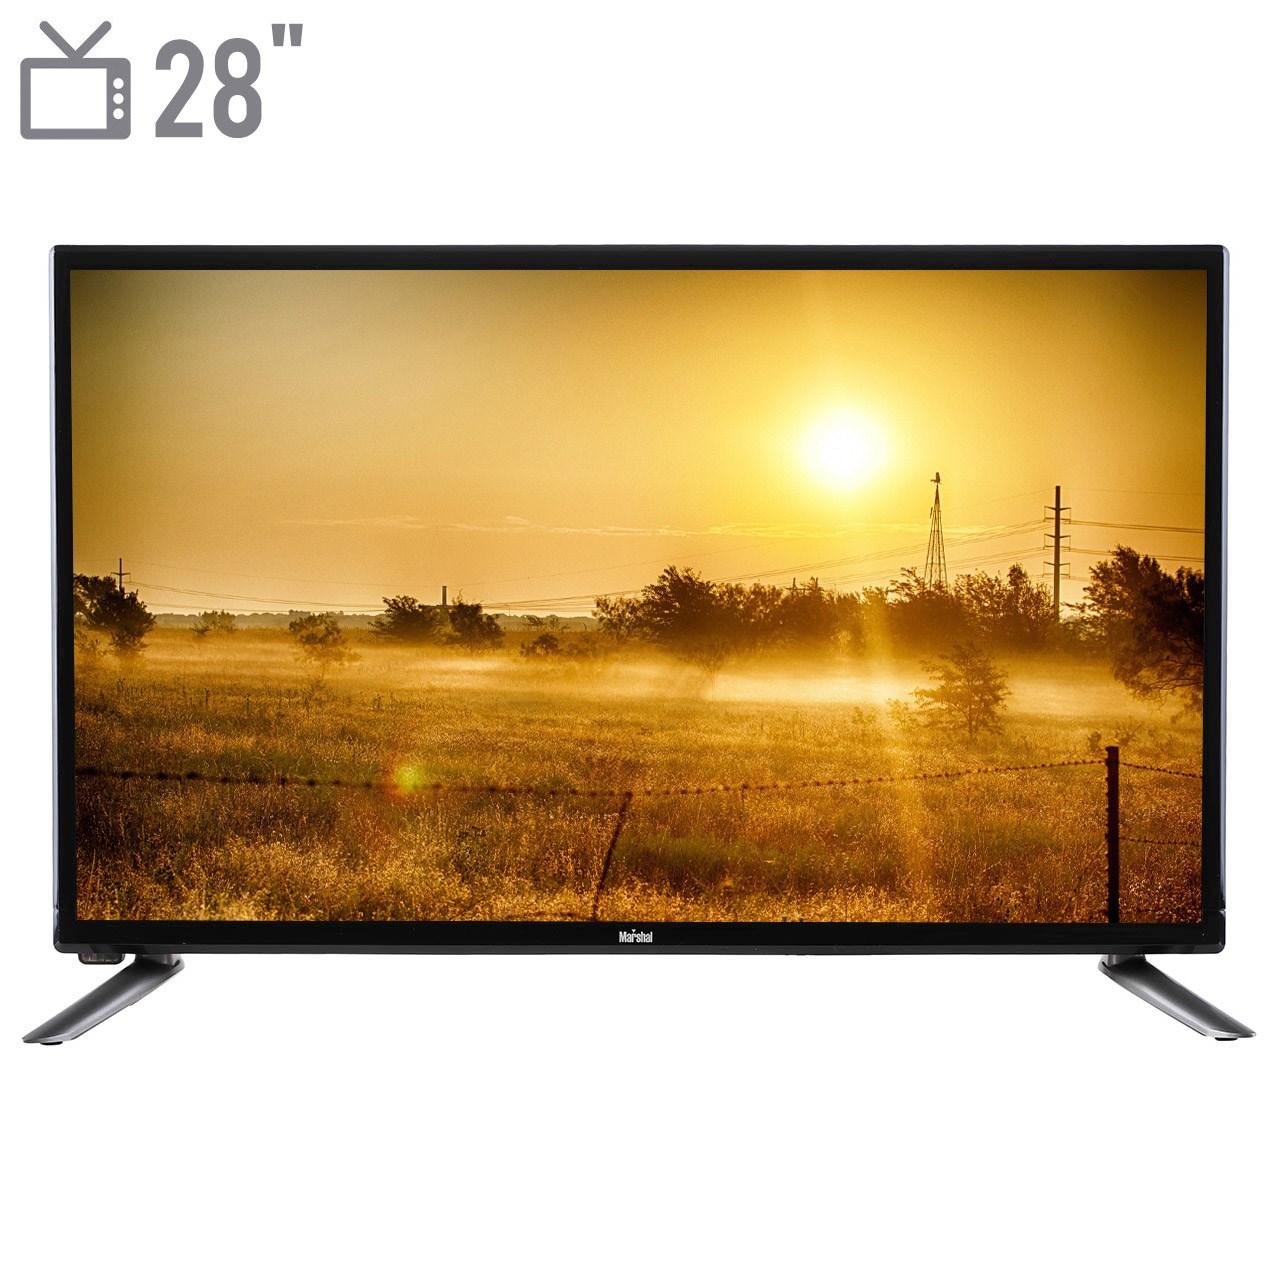 تلویزیون ال ای دی مارشال مدل ME-2802 سایز 28 اینچ